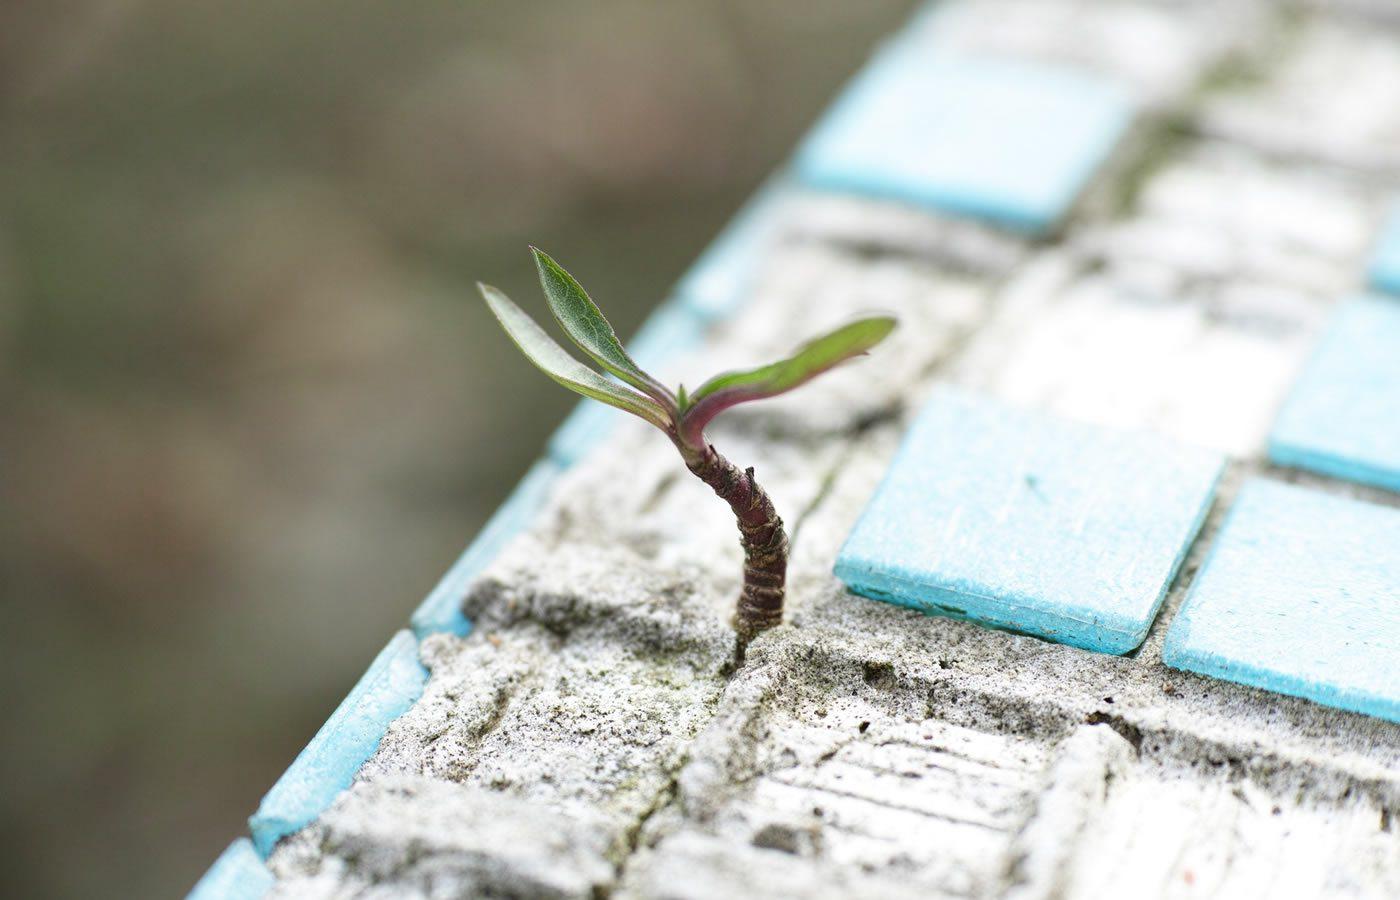 Regaining Hope